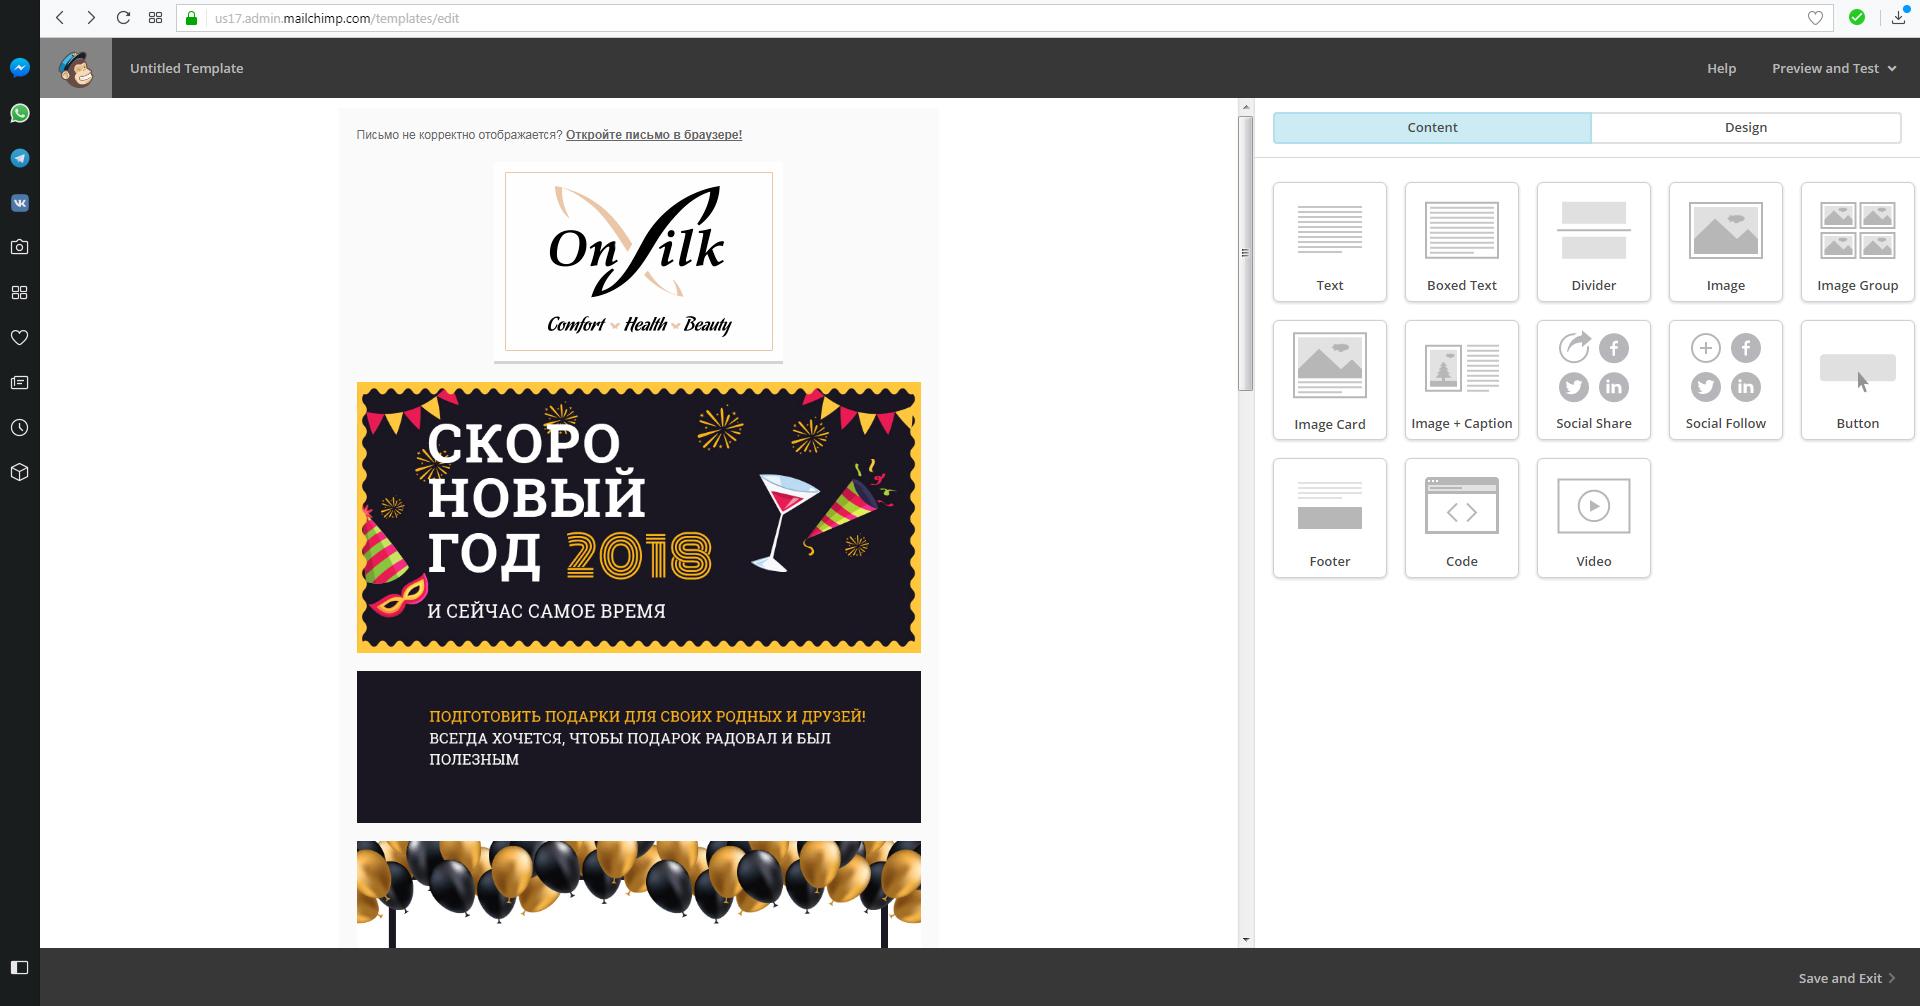 Требуется профессиональный дизайнер с навыками верстки email фото f_4515a41016b6a839.jpg